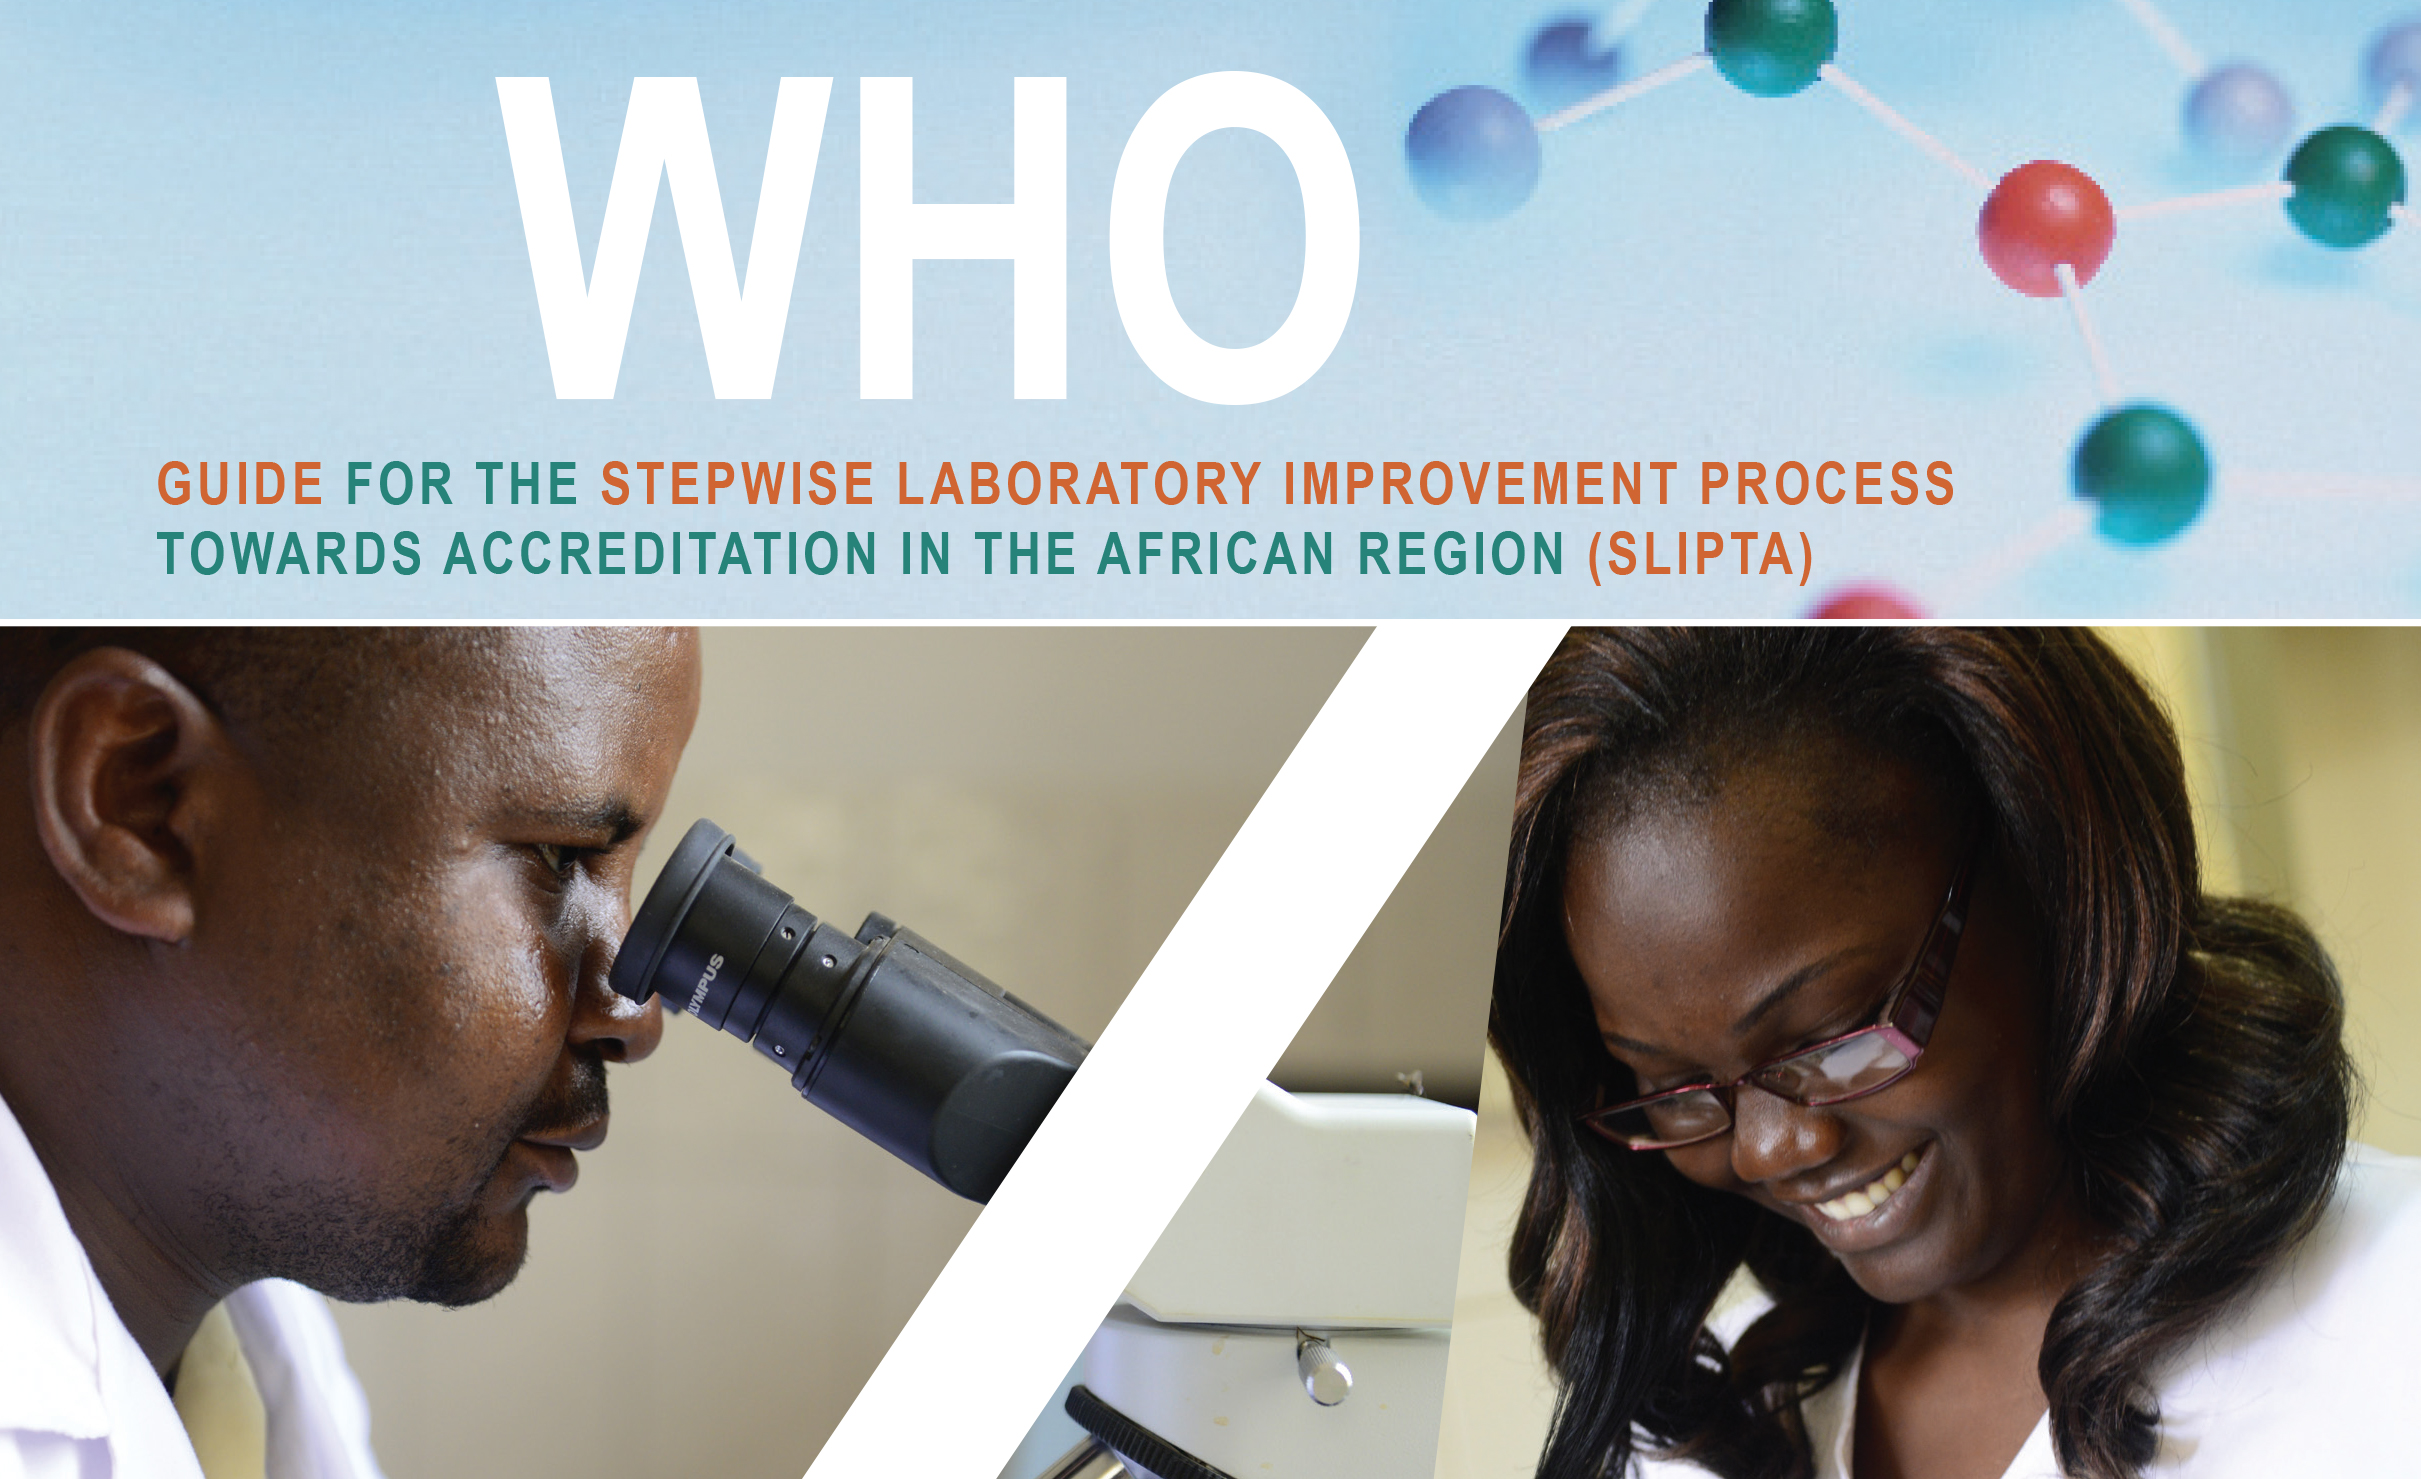 Guide de l'OMS pour le processus d'amélioration de la qualité des laboratoires par étapes vers l'accréditation (SLIPTA) dans la Région africaine